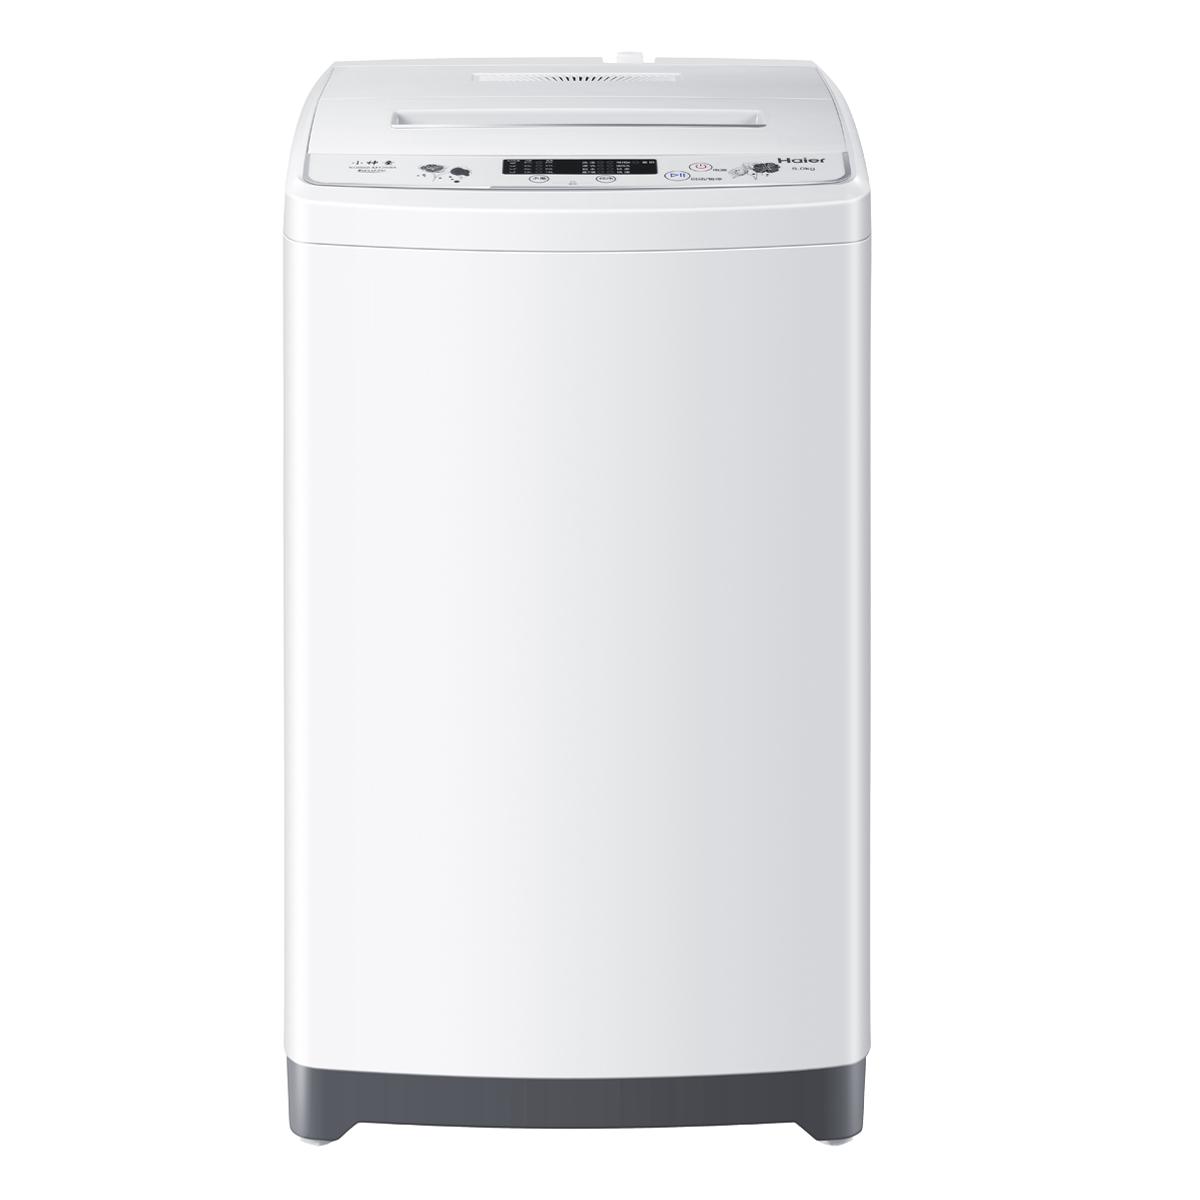 海尔Haier洗衣机 XQB50-M1269A 说明书